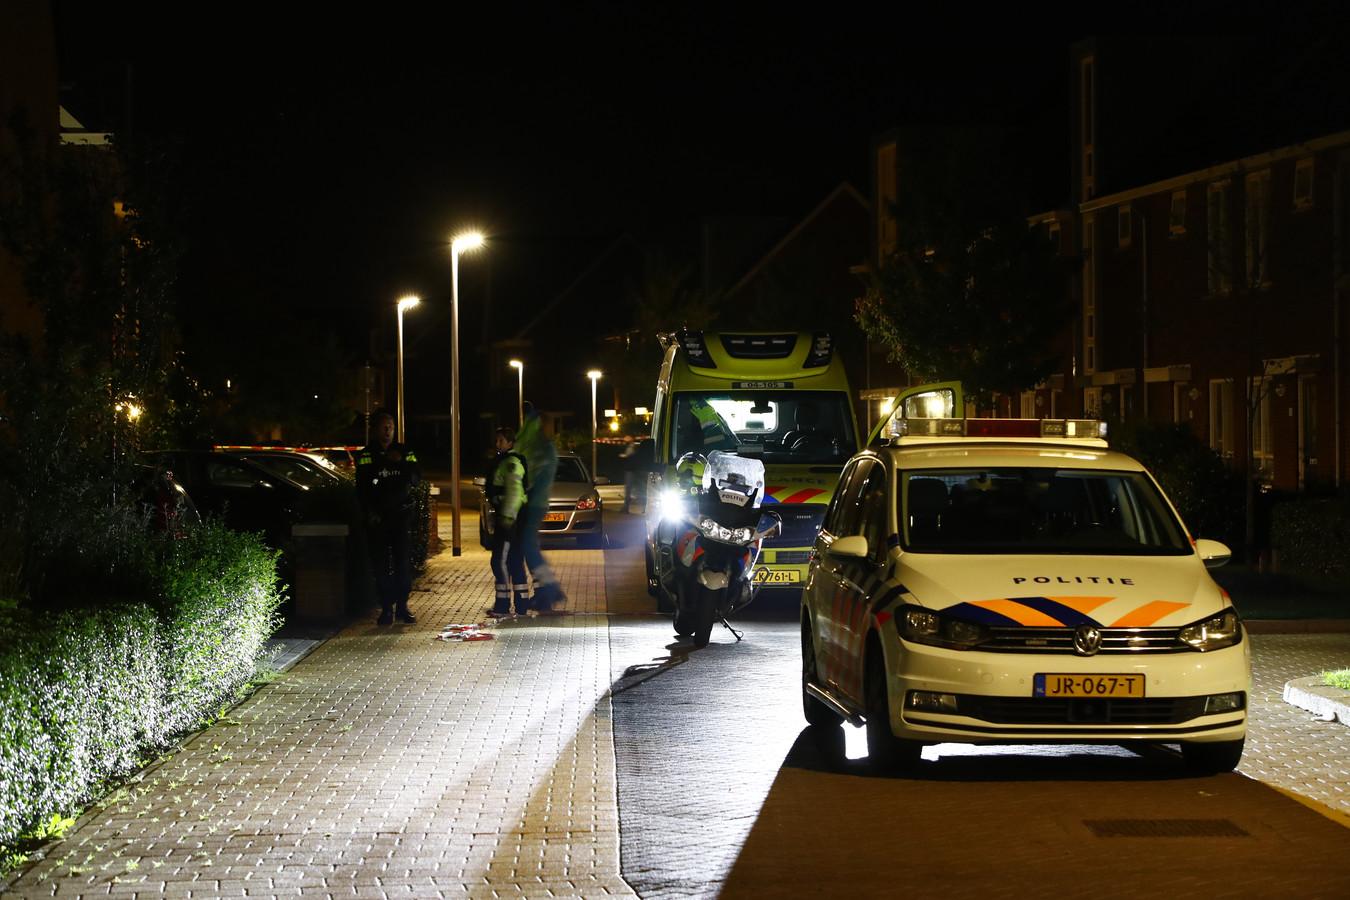 Van Disselstraat Zwolle. Vond hier een schietpartij plaats?